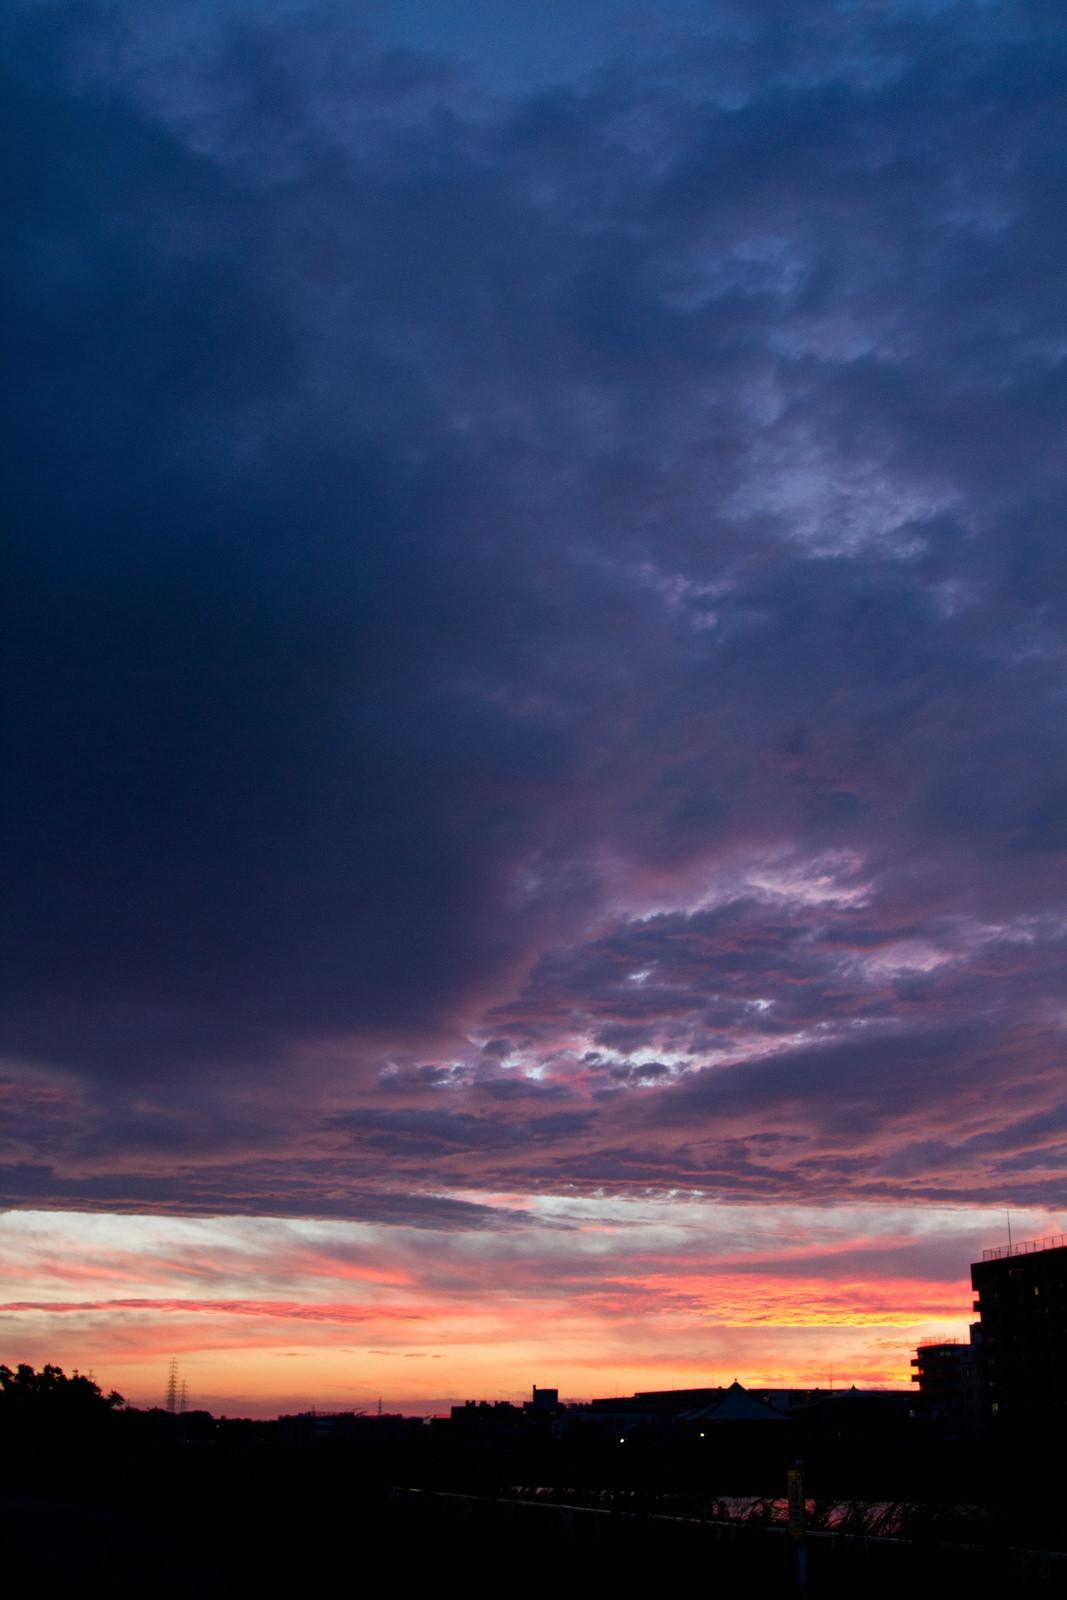 夕暮れのオレンジ空夕暮れのオレンジ空